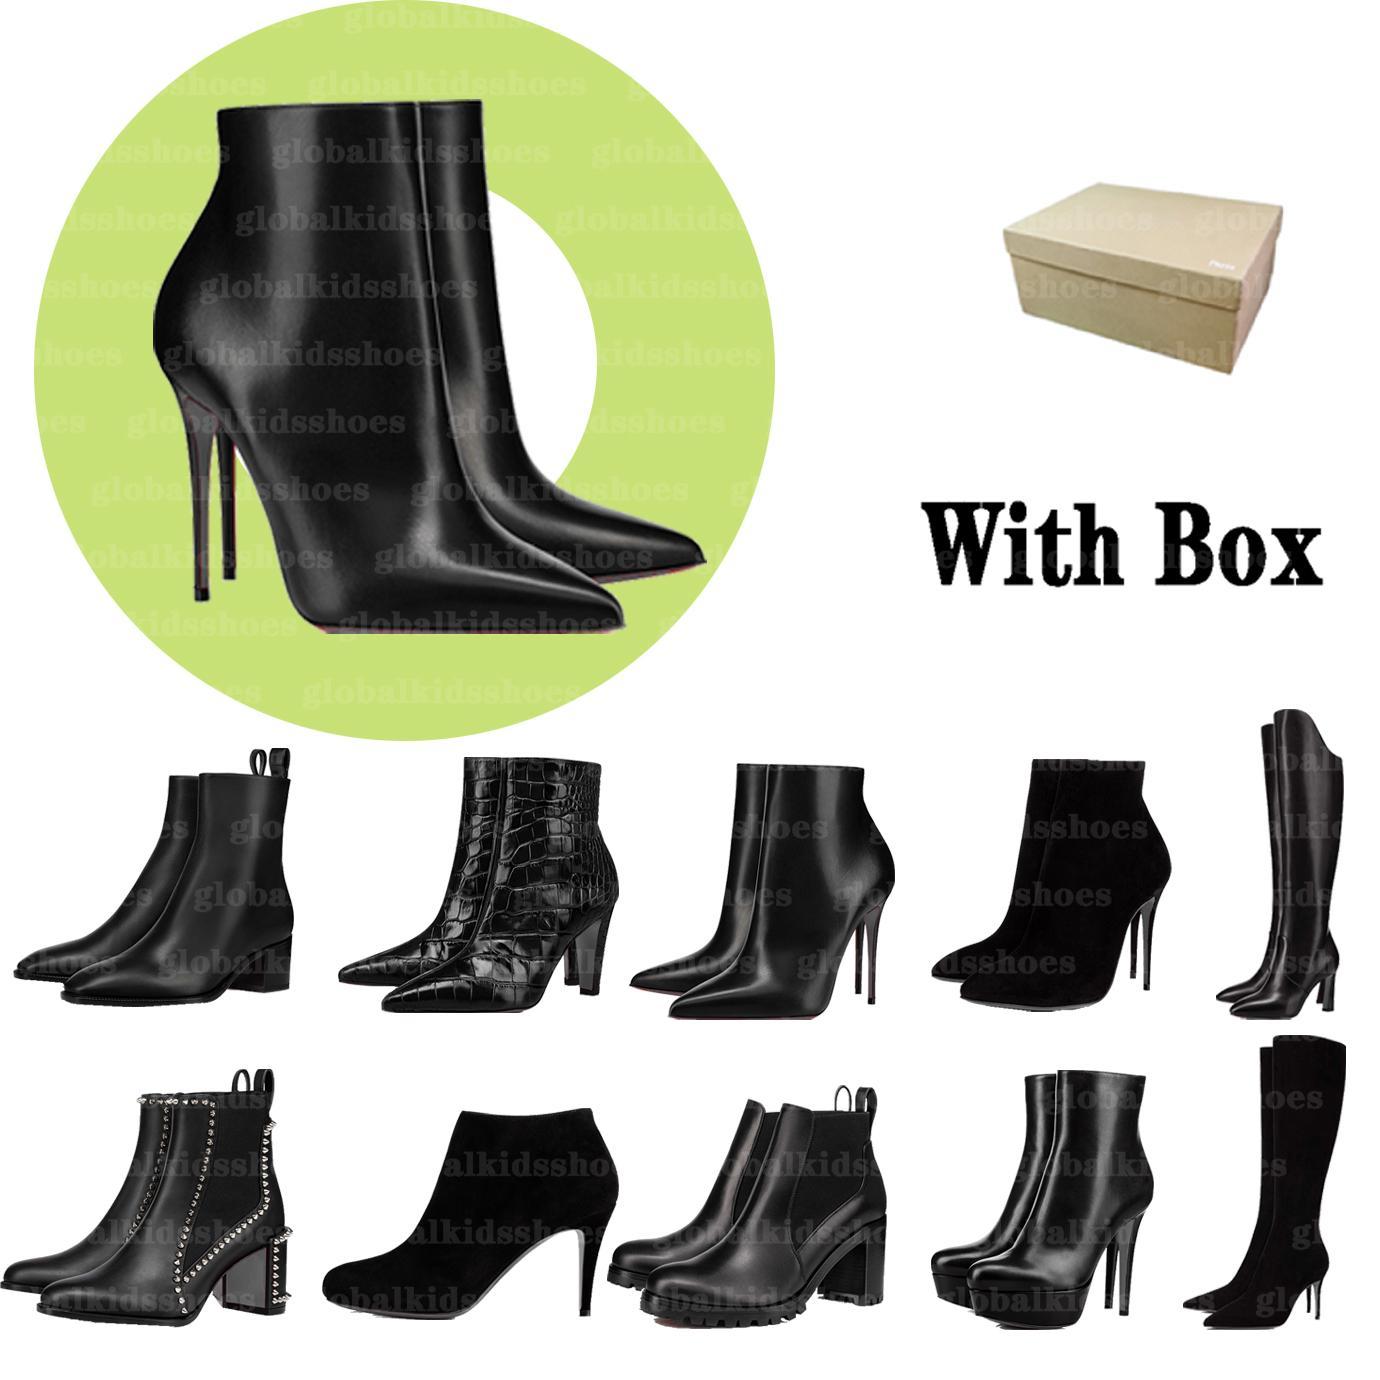 Mujeres de lujo de lujo zapatos de cuero botines de cuero botines negras nieve nieve rojo abajo rodilla tacón alto talón marrón altura bombas